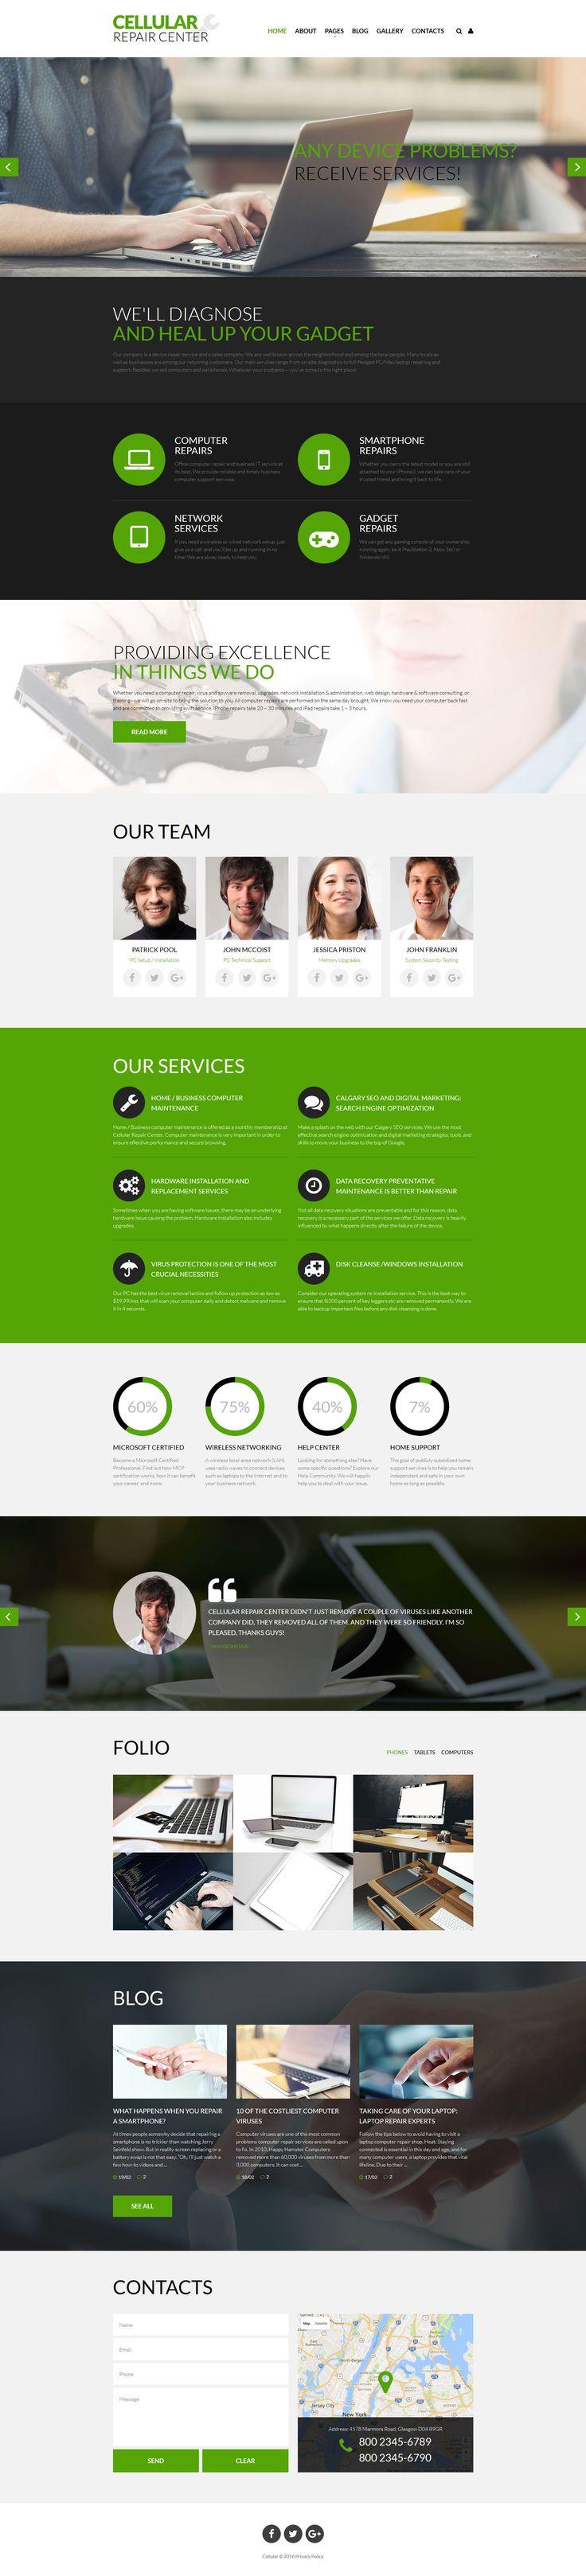 Mobile Repair Service Responsive Joomla Template - https://www.templatemonster.com/joomla-templates/mobile-repair-service-responsive-joomla-template-61368.html